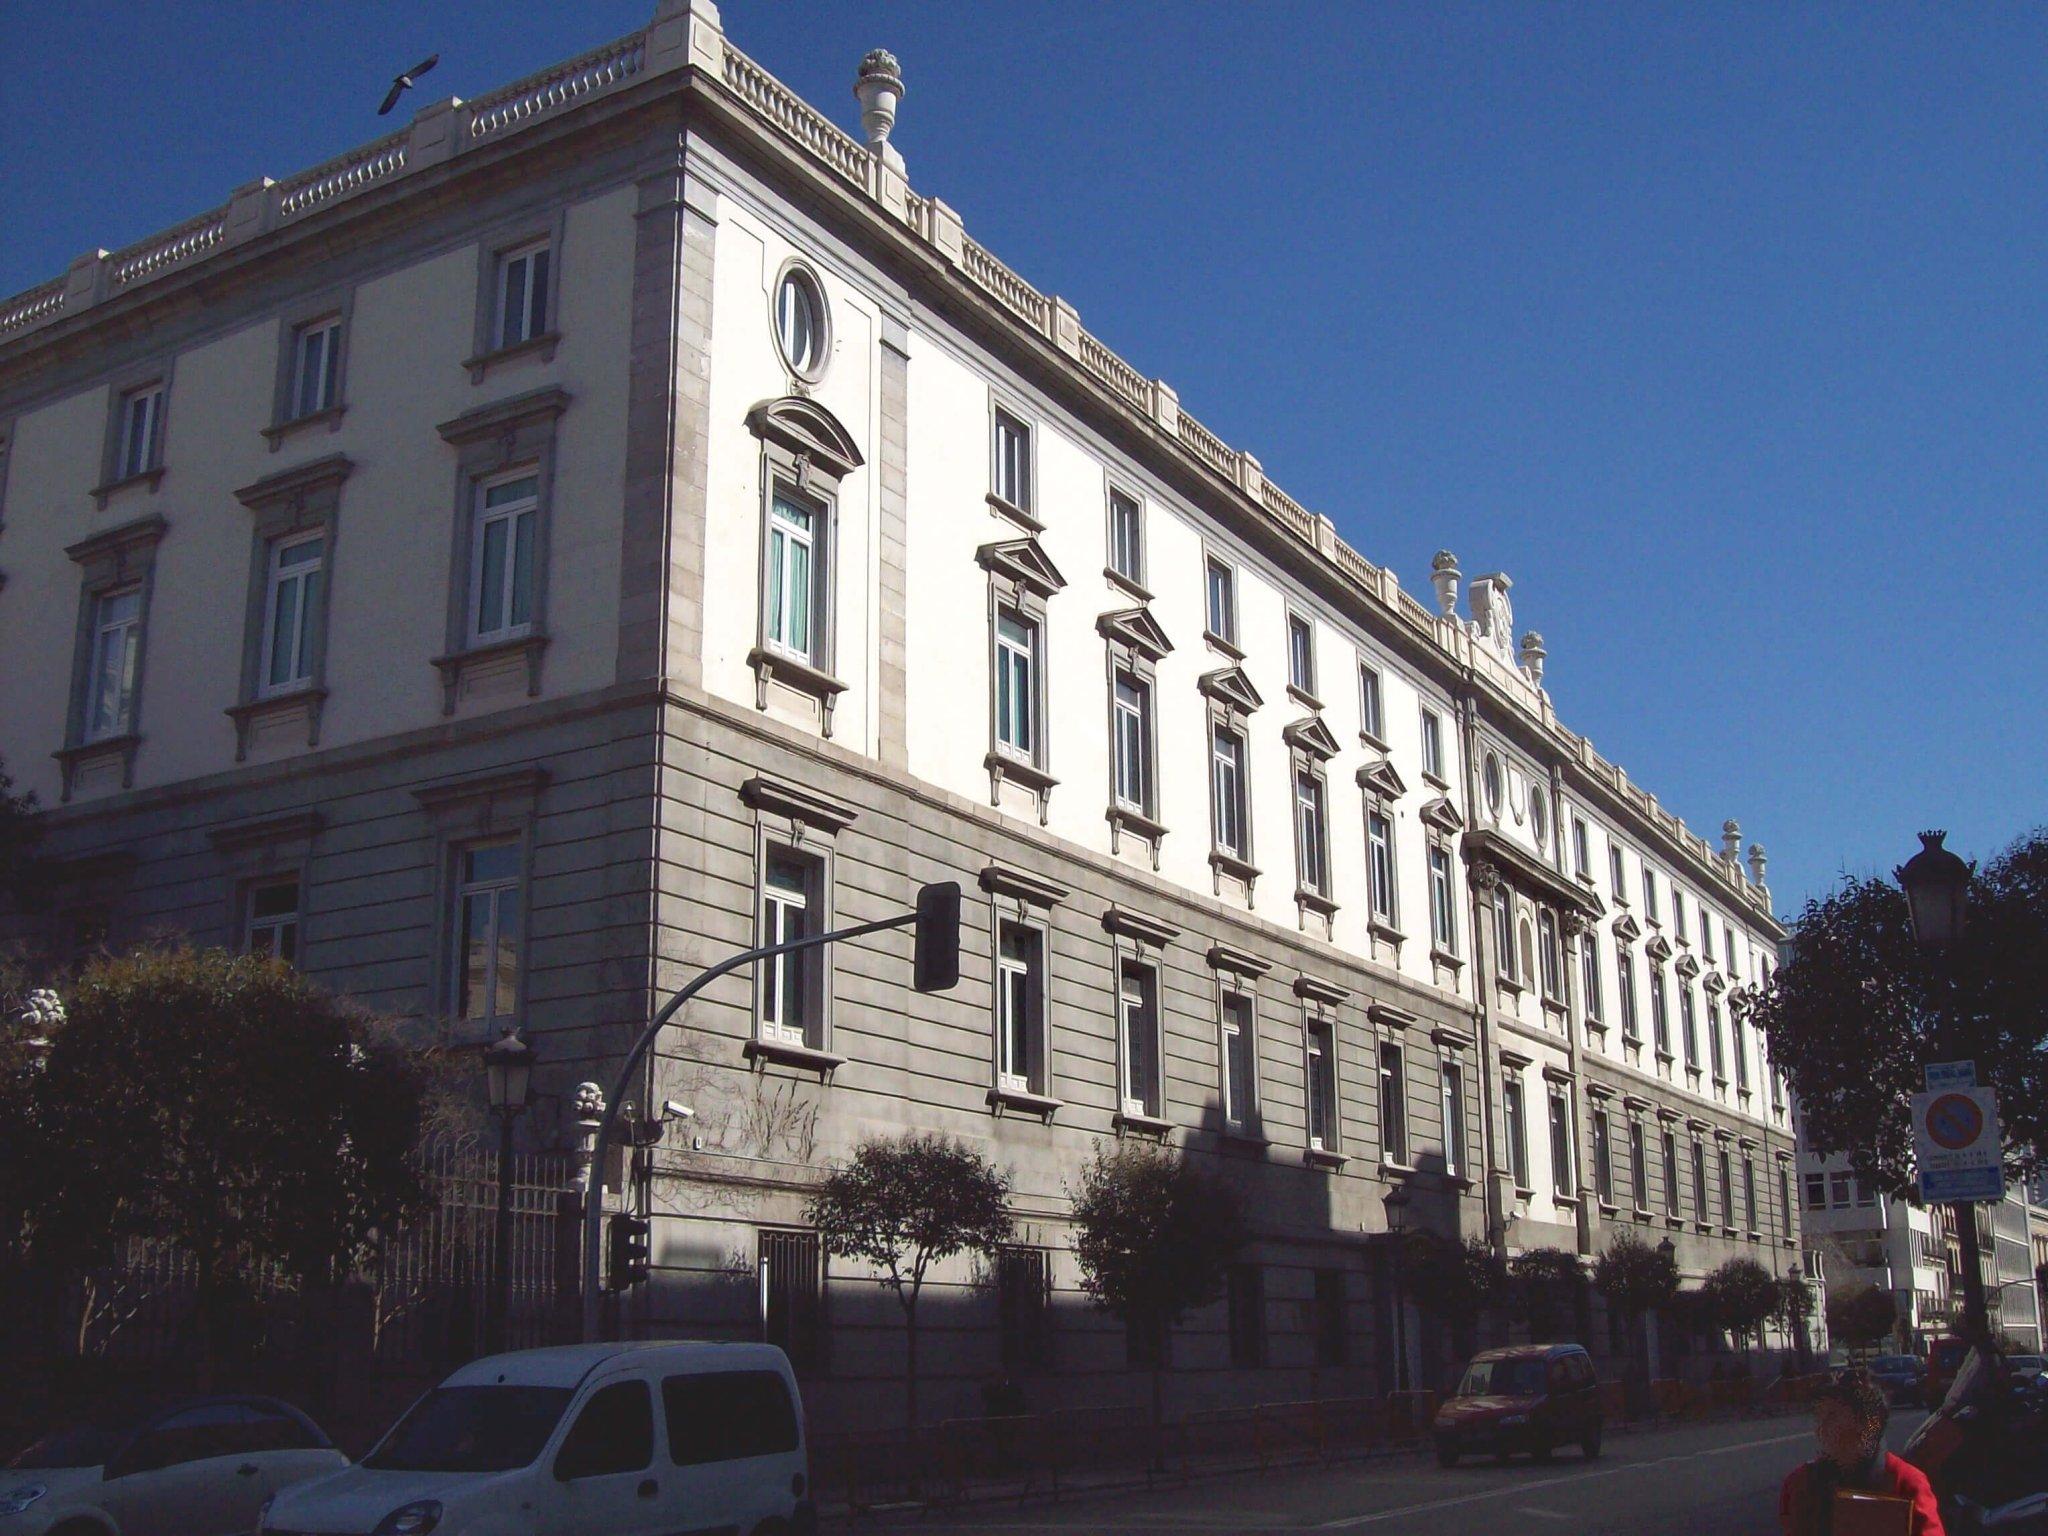 Abogados cla sula suelo abogados madrid legal for Abogados clausula suelo